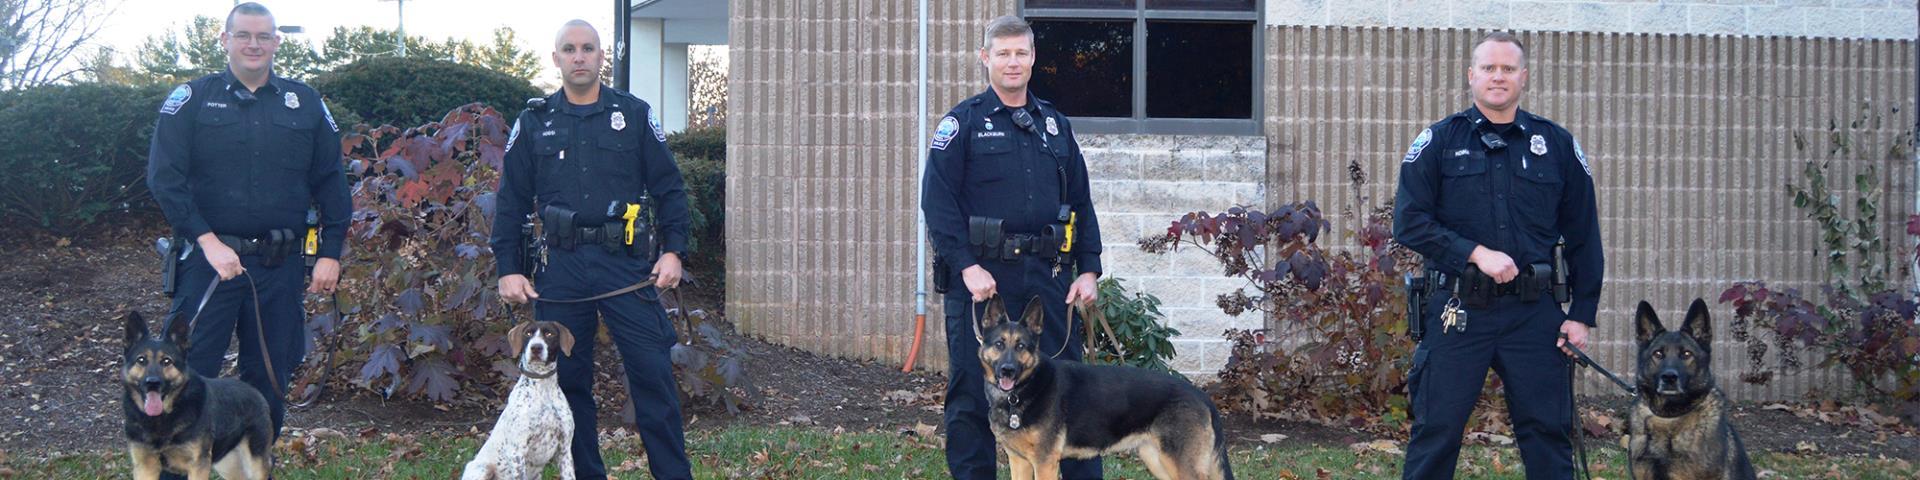 Police   Blacksburg, VA